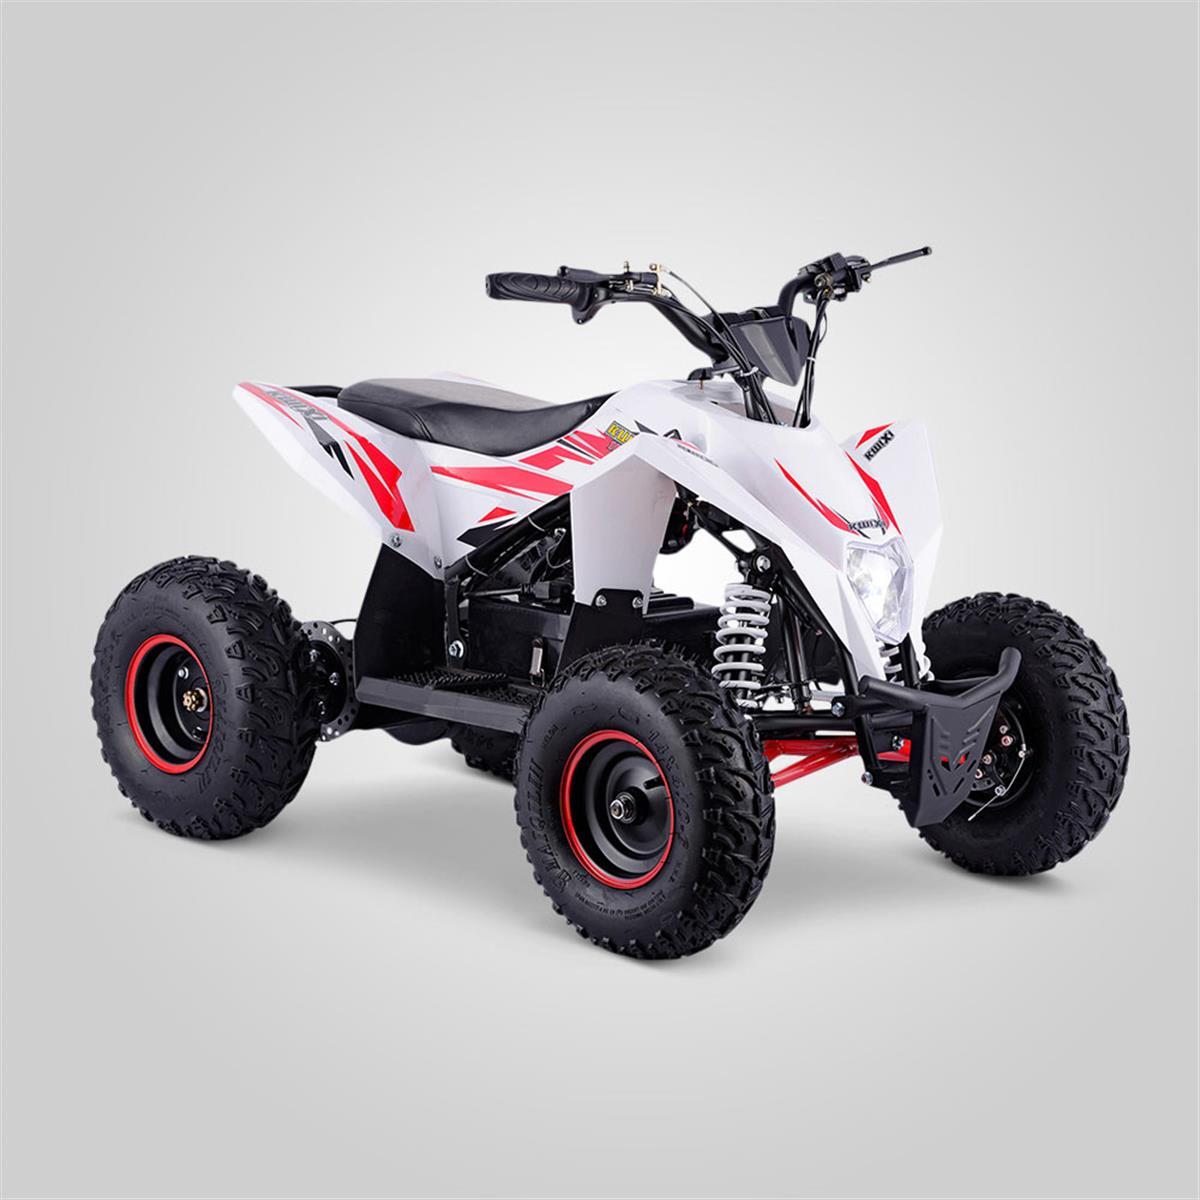 quad enfant lectrique 1000w kwixi smallmx dirt bike pit bike quads minimoto. Black Bedroom Furniture Sets. Home Design Ideas